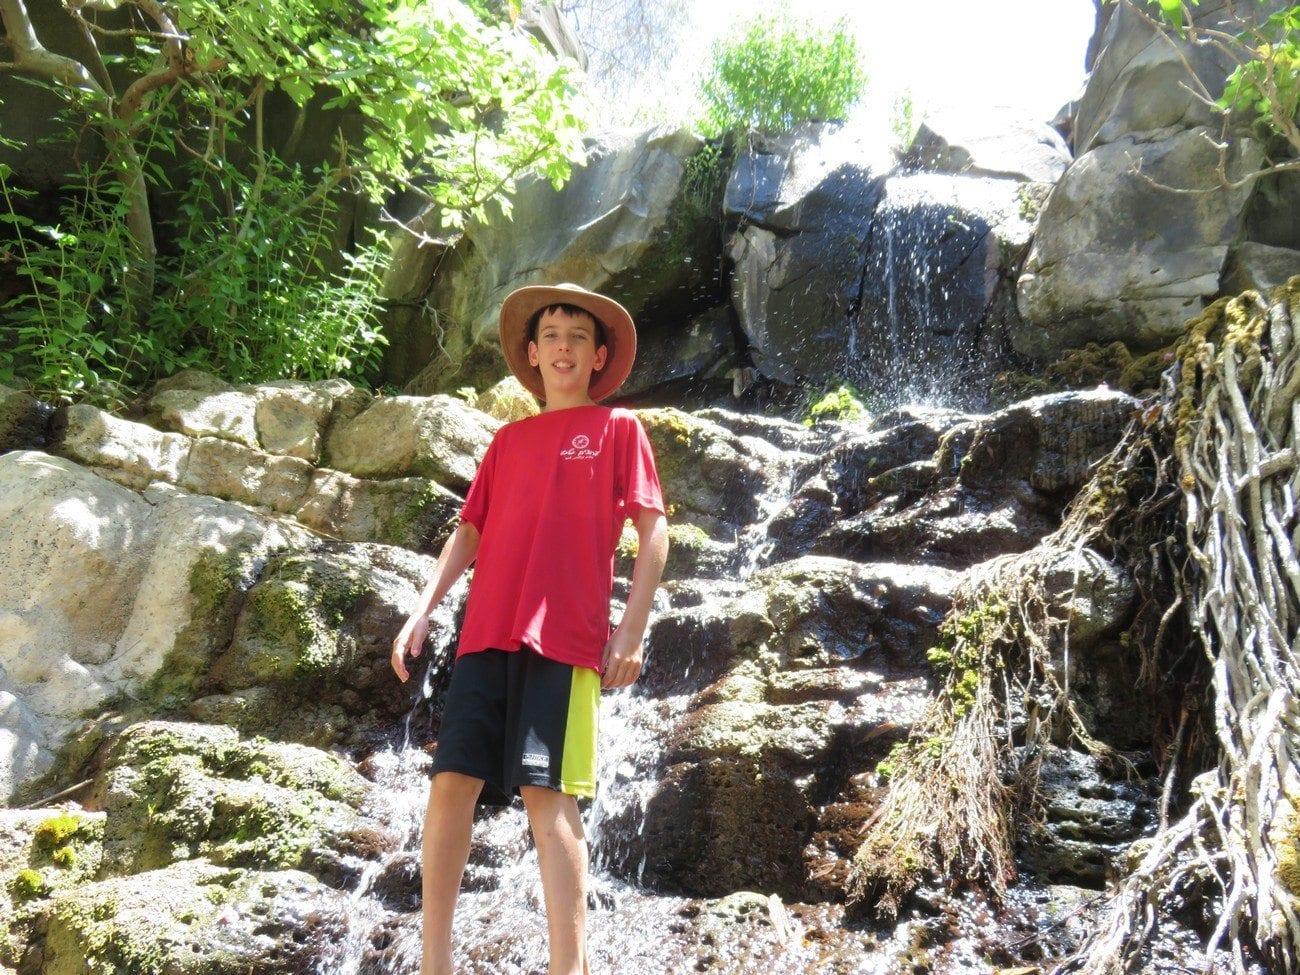 גלישת מצוקים - סנפלינג במפלים עם מים בנחל זויתן נועם בנק